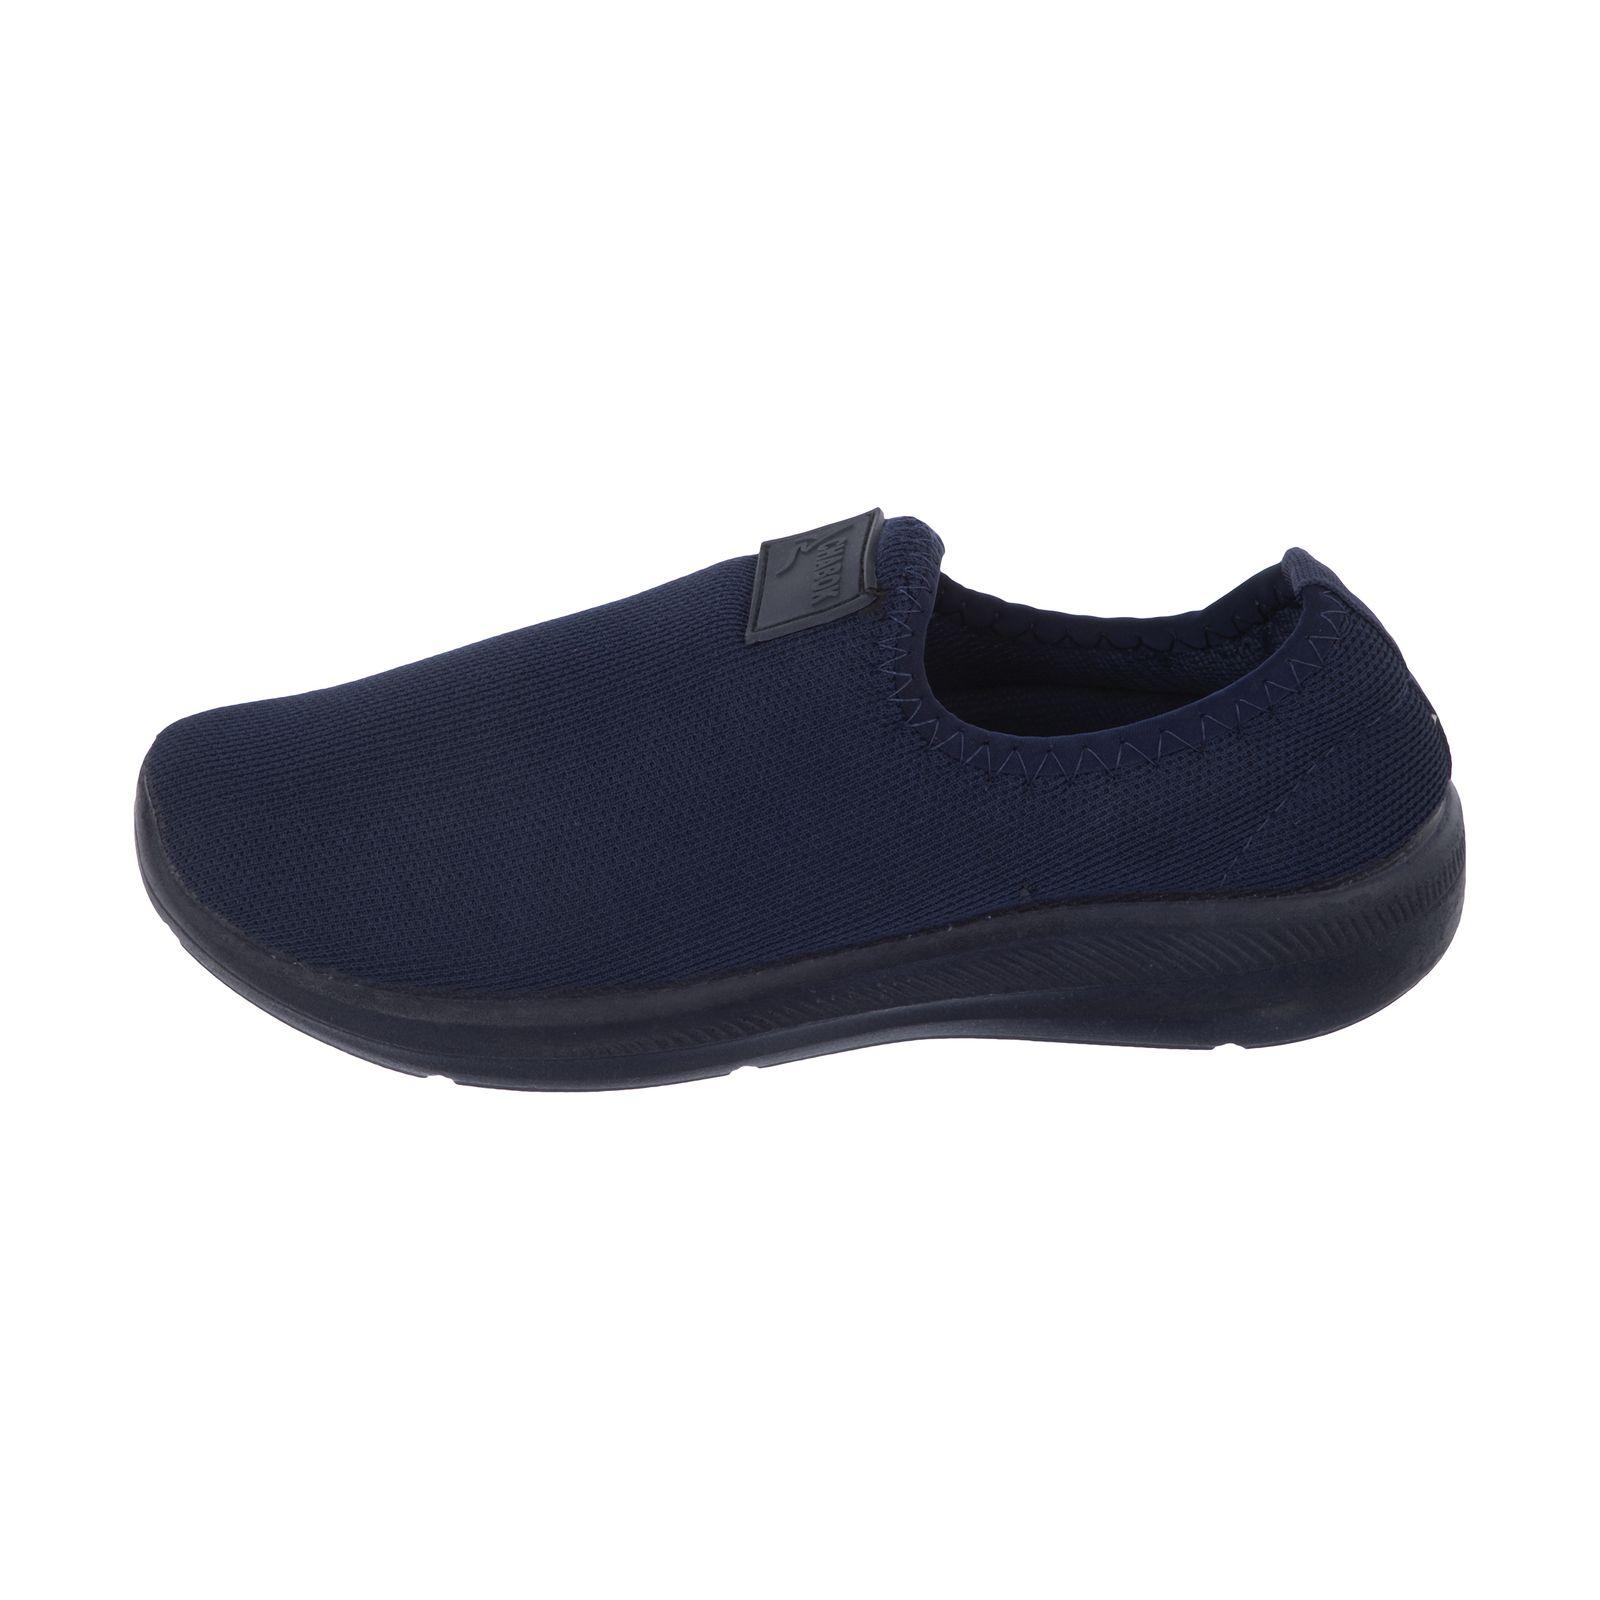 کفش راحتی چابک مدل رامش رنگ سرمه ای -  - 2